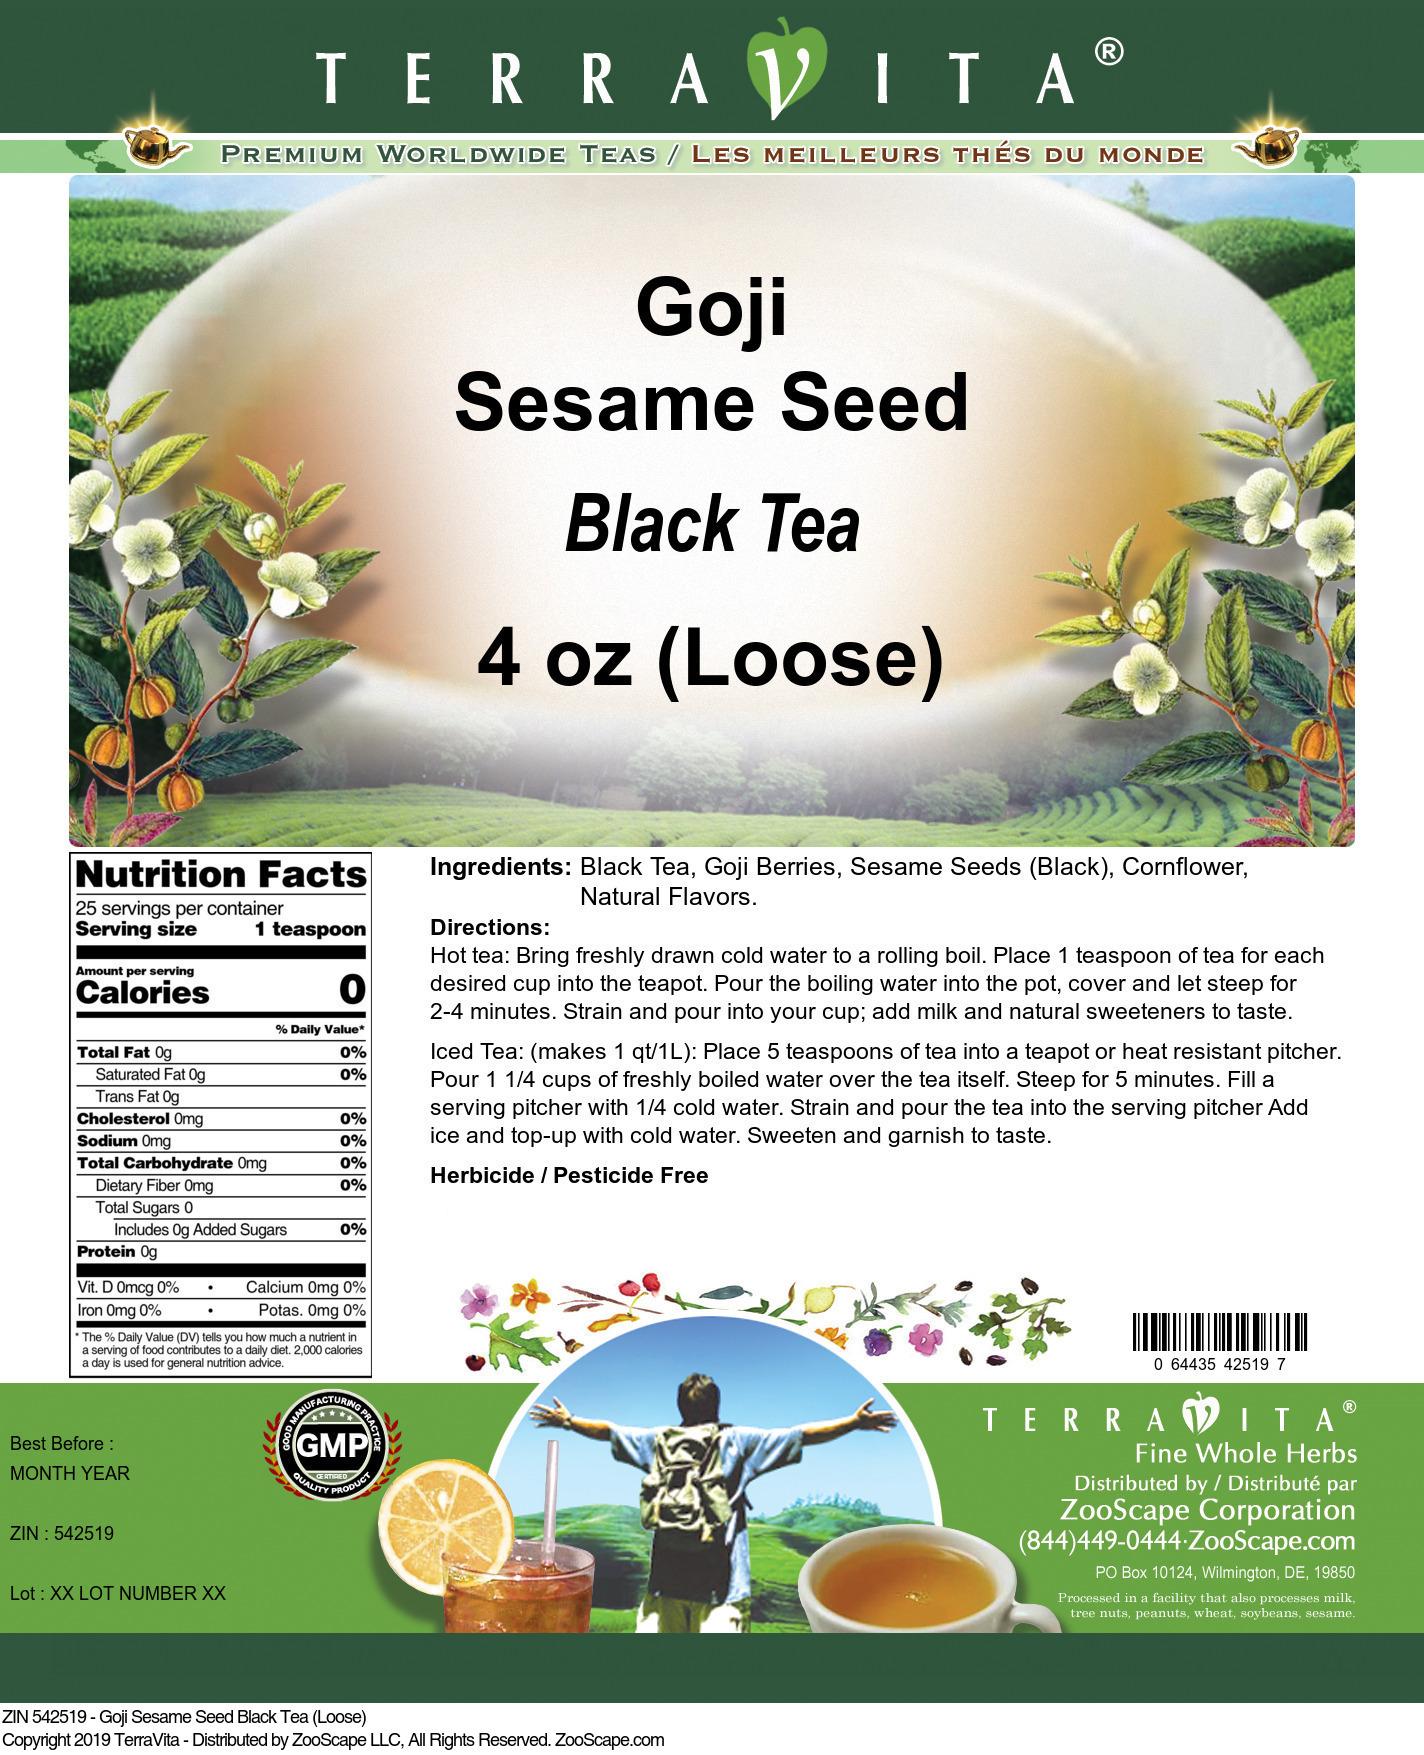 Goji Sesame Seed Black Tea (Loose)